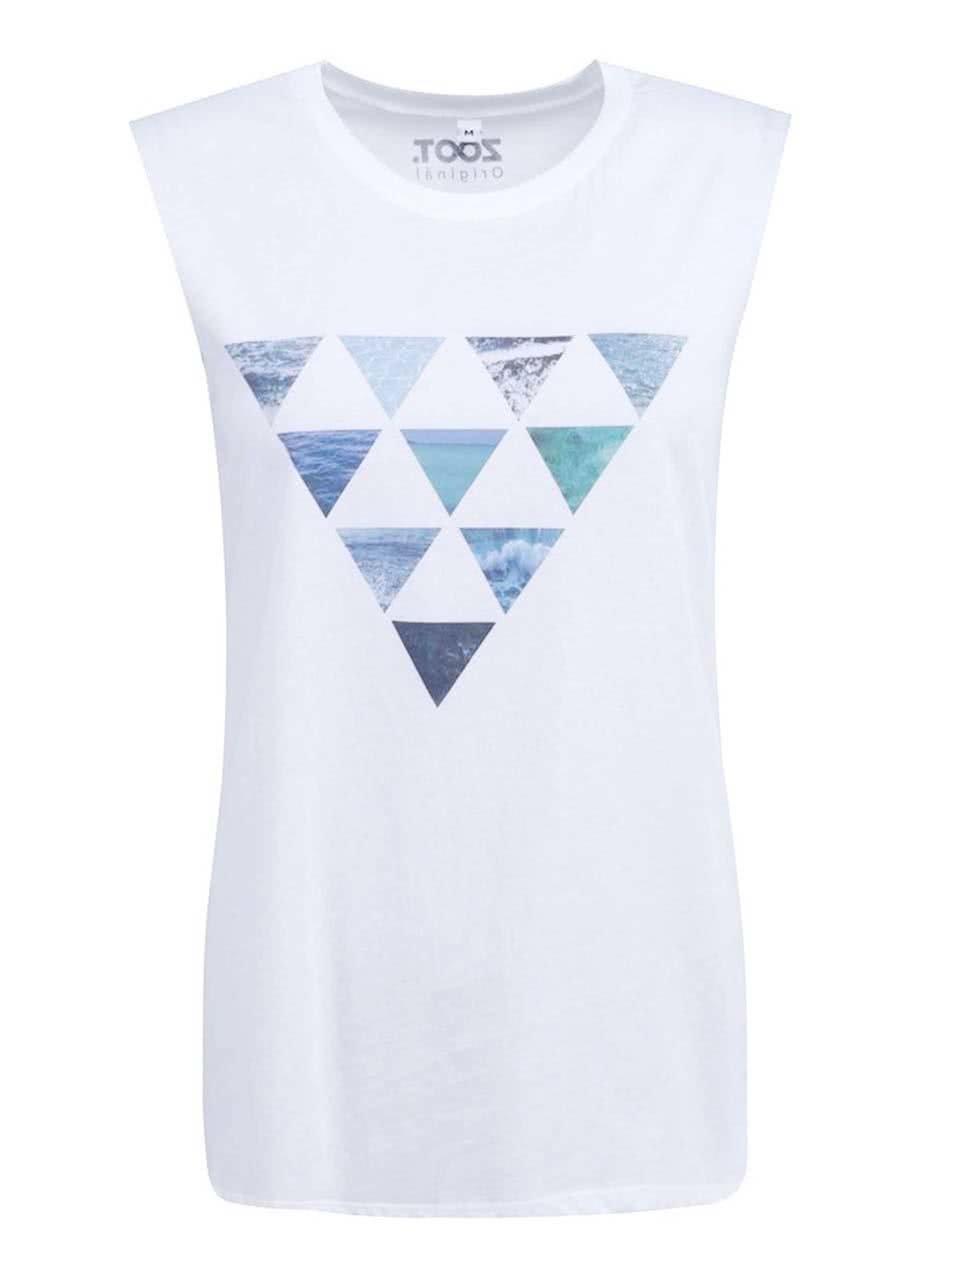 Bílé dámské tílko ZOOT Originál Trojúhelníky ... 5997d2c429